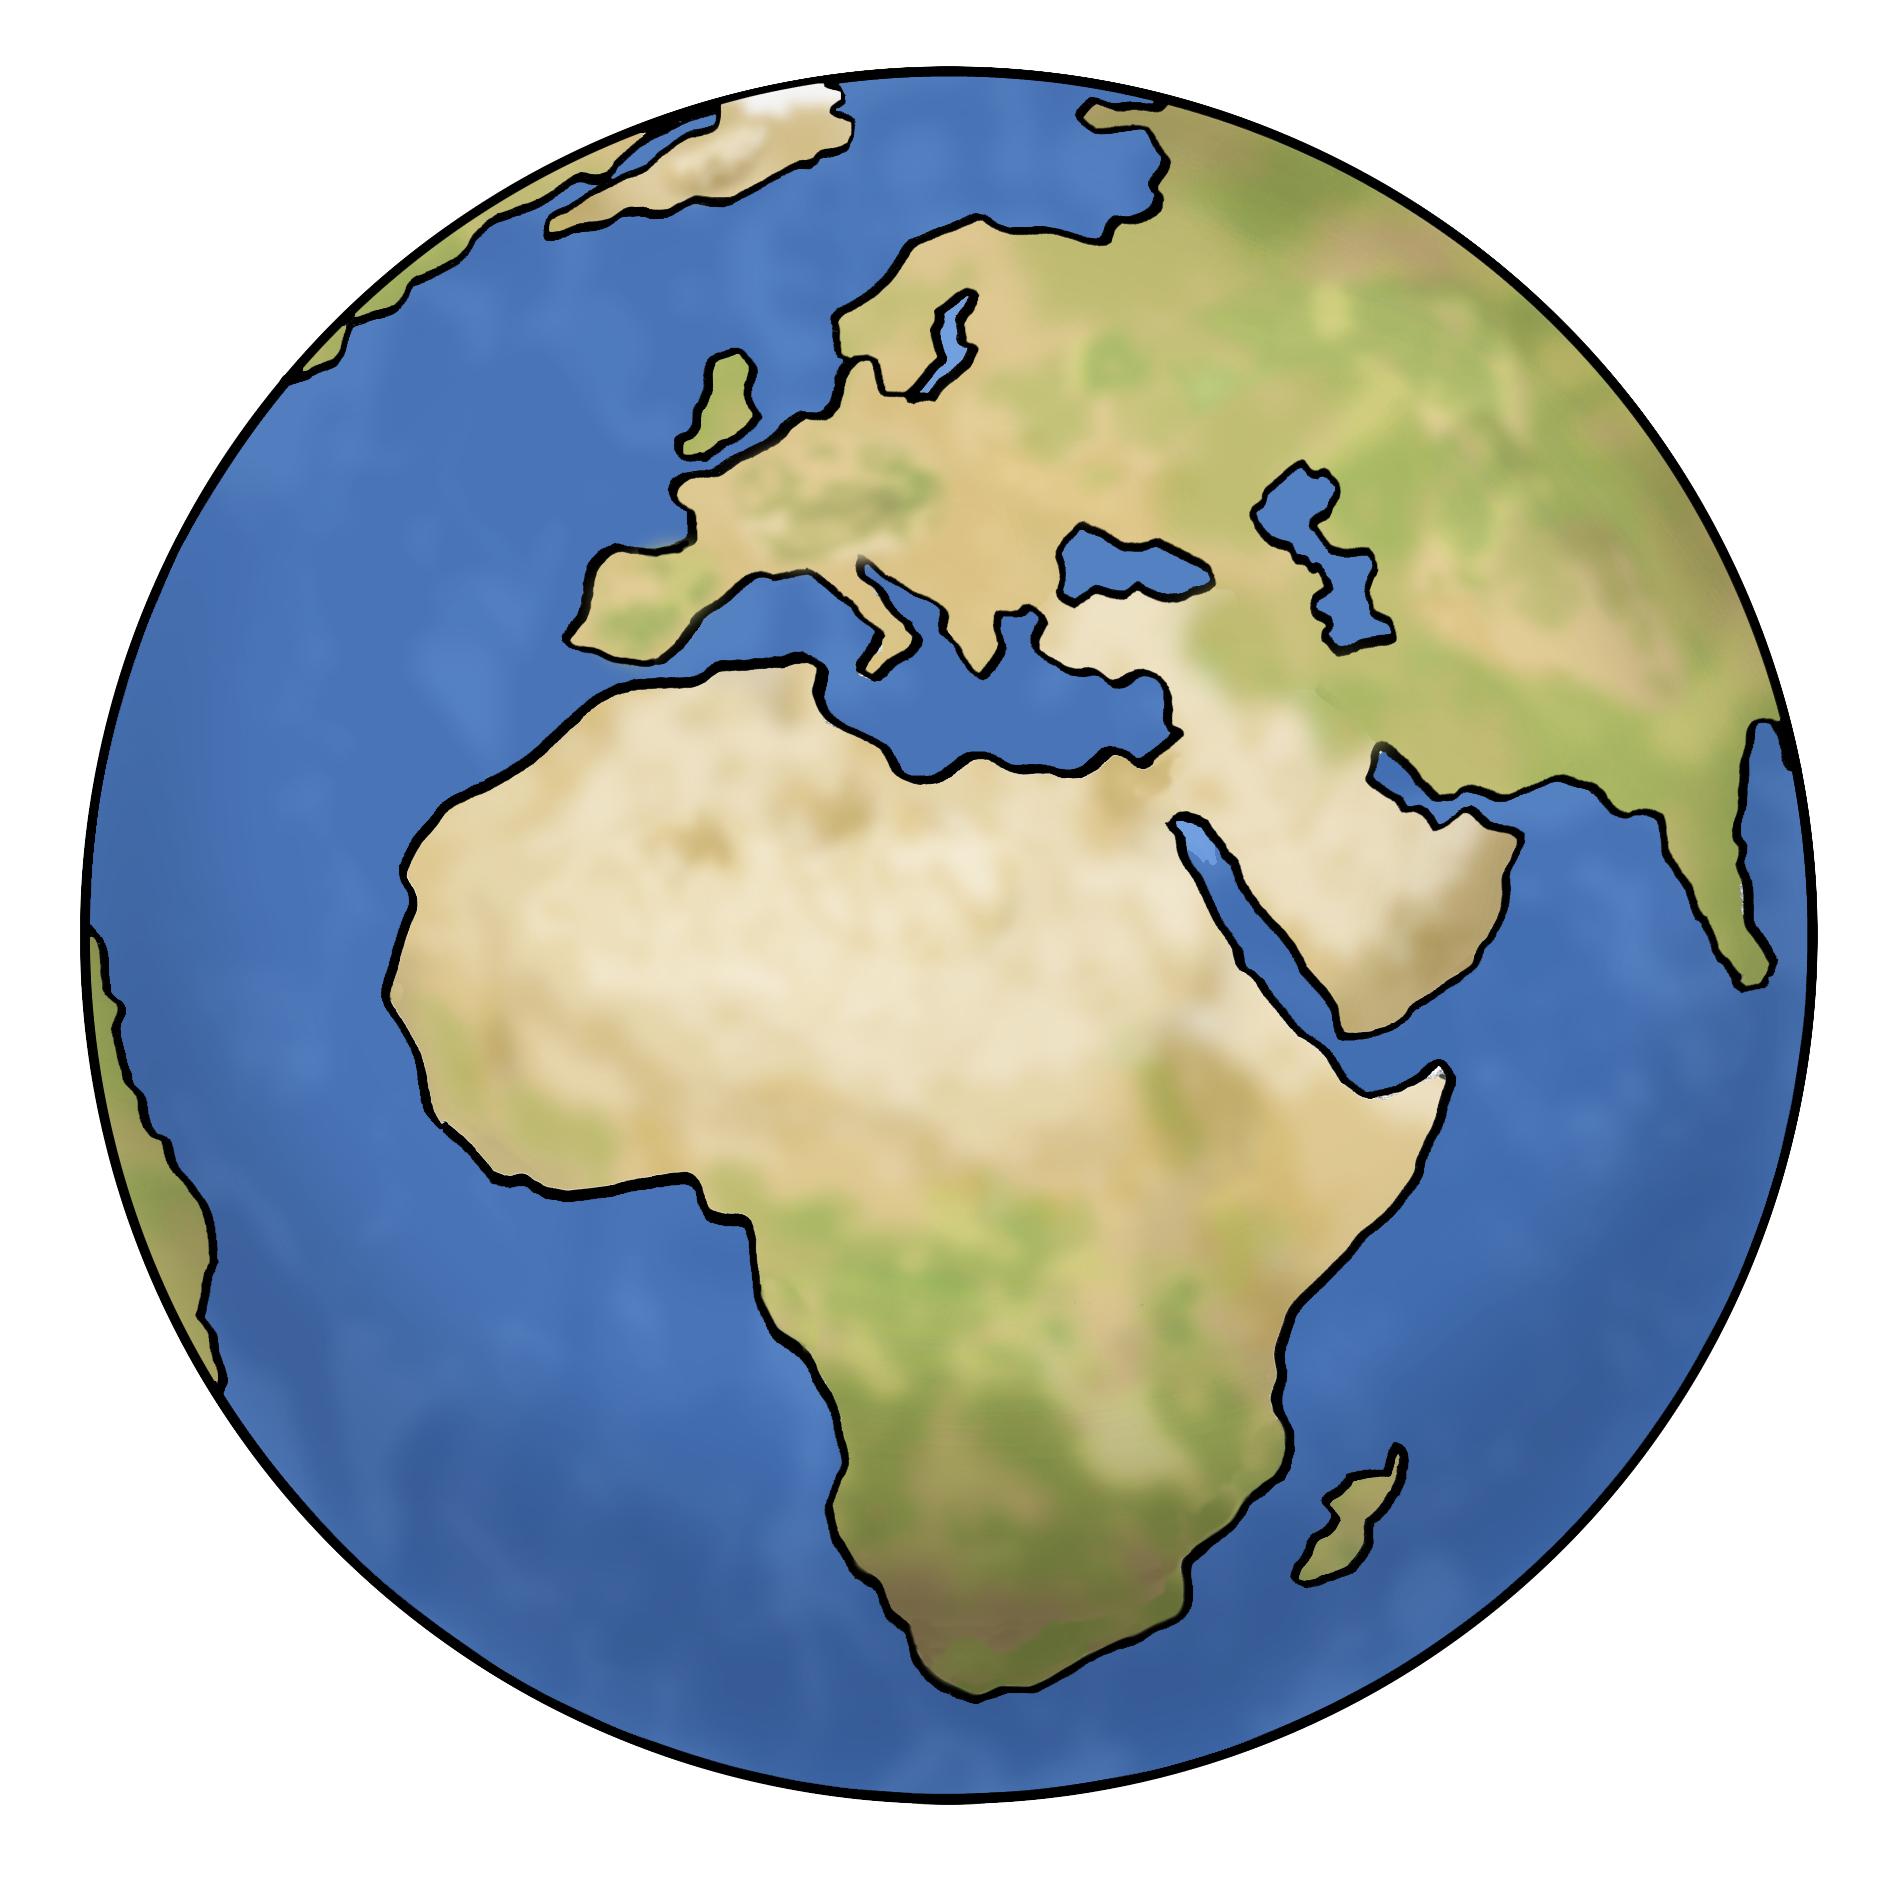 Weltkugel - World - Leichte Sprache